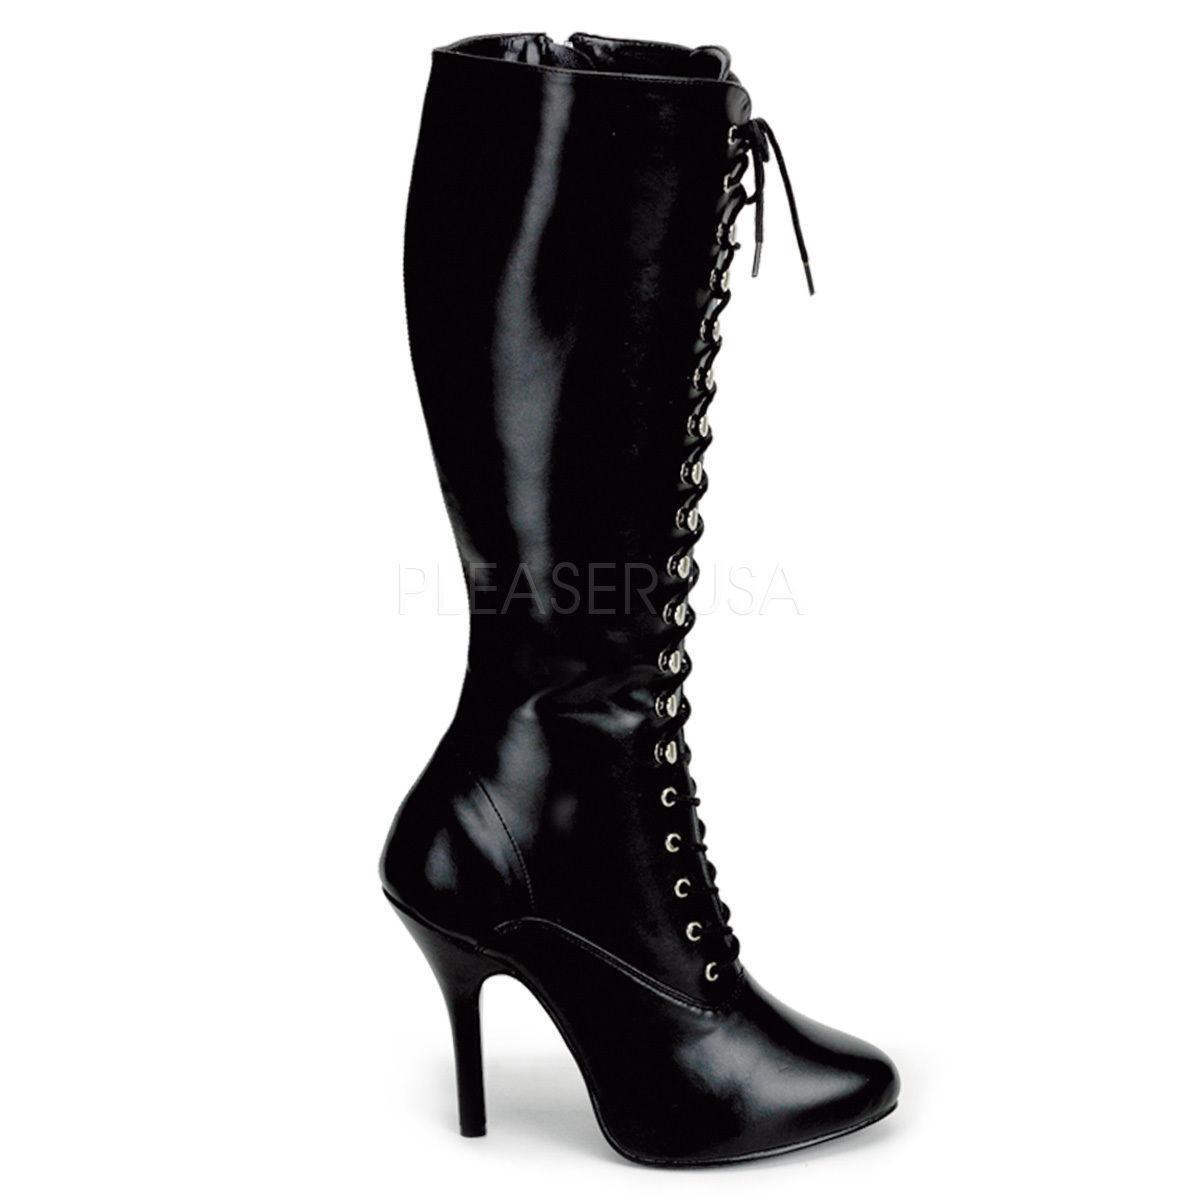 Venta de liquidación de temporada Grandes zapatos con descuento Arena - 2020 prenda Funtasma tacón alto botas negro efecto piel tamaños 36-43